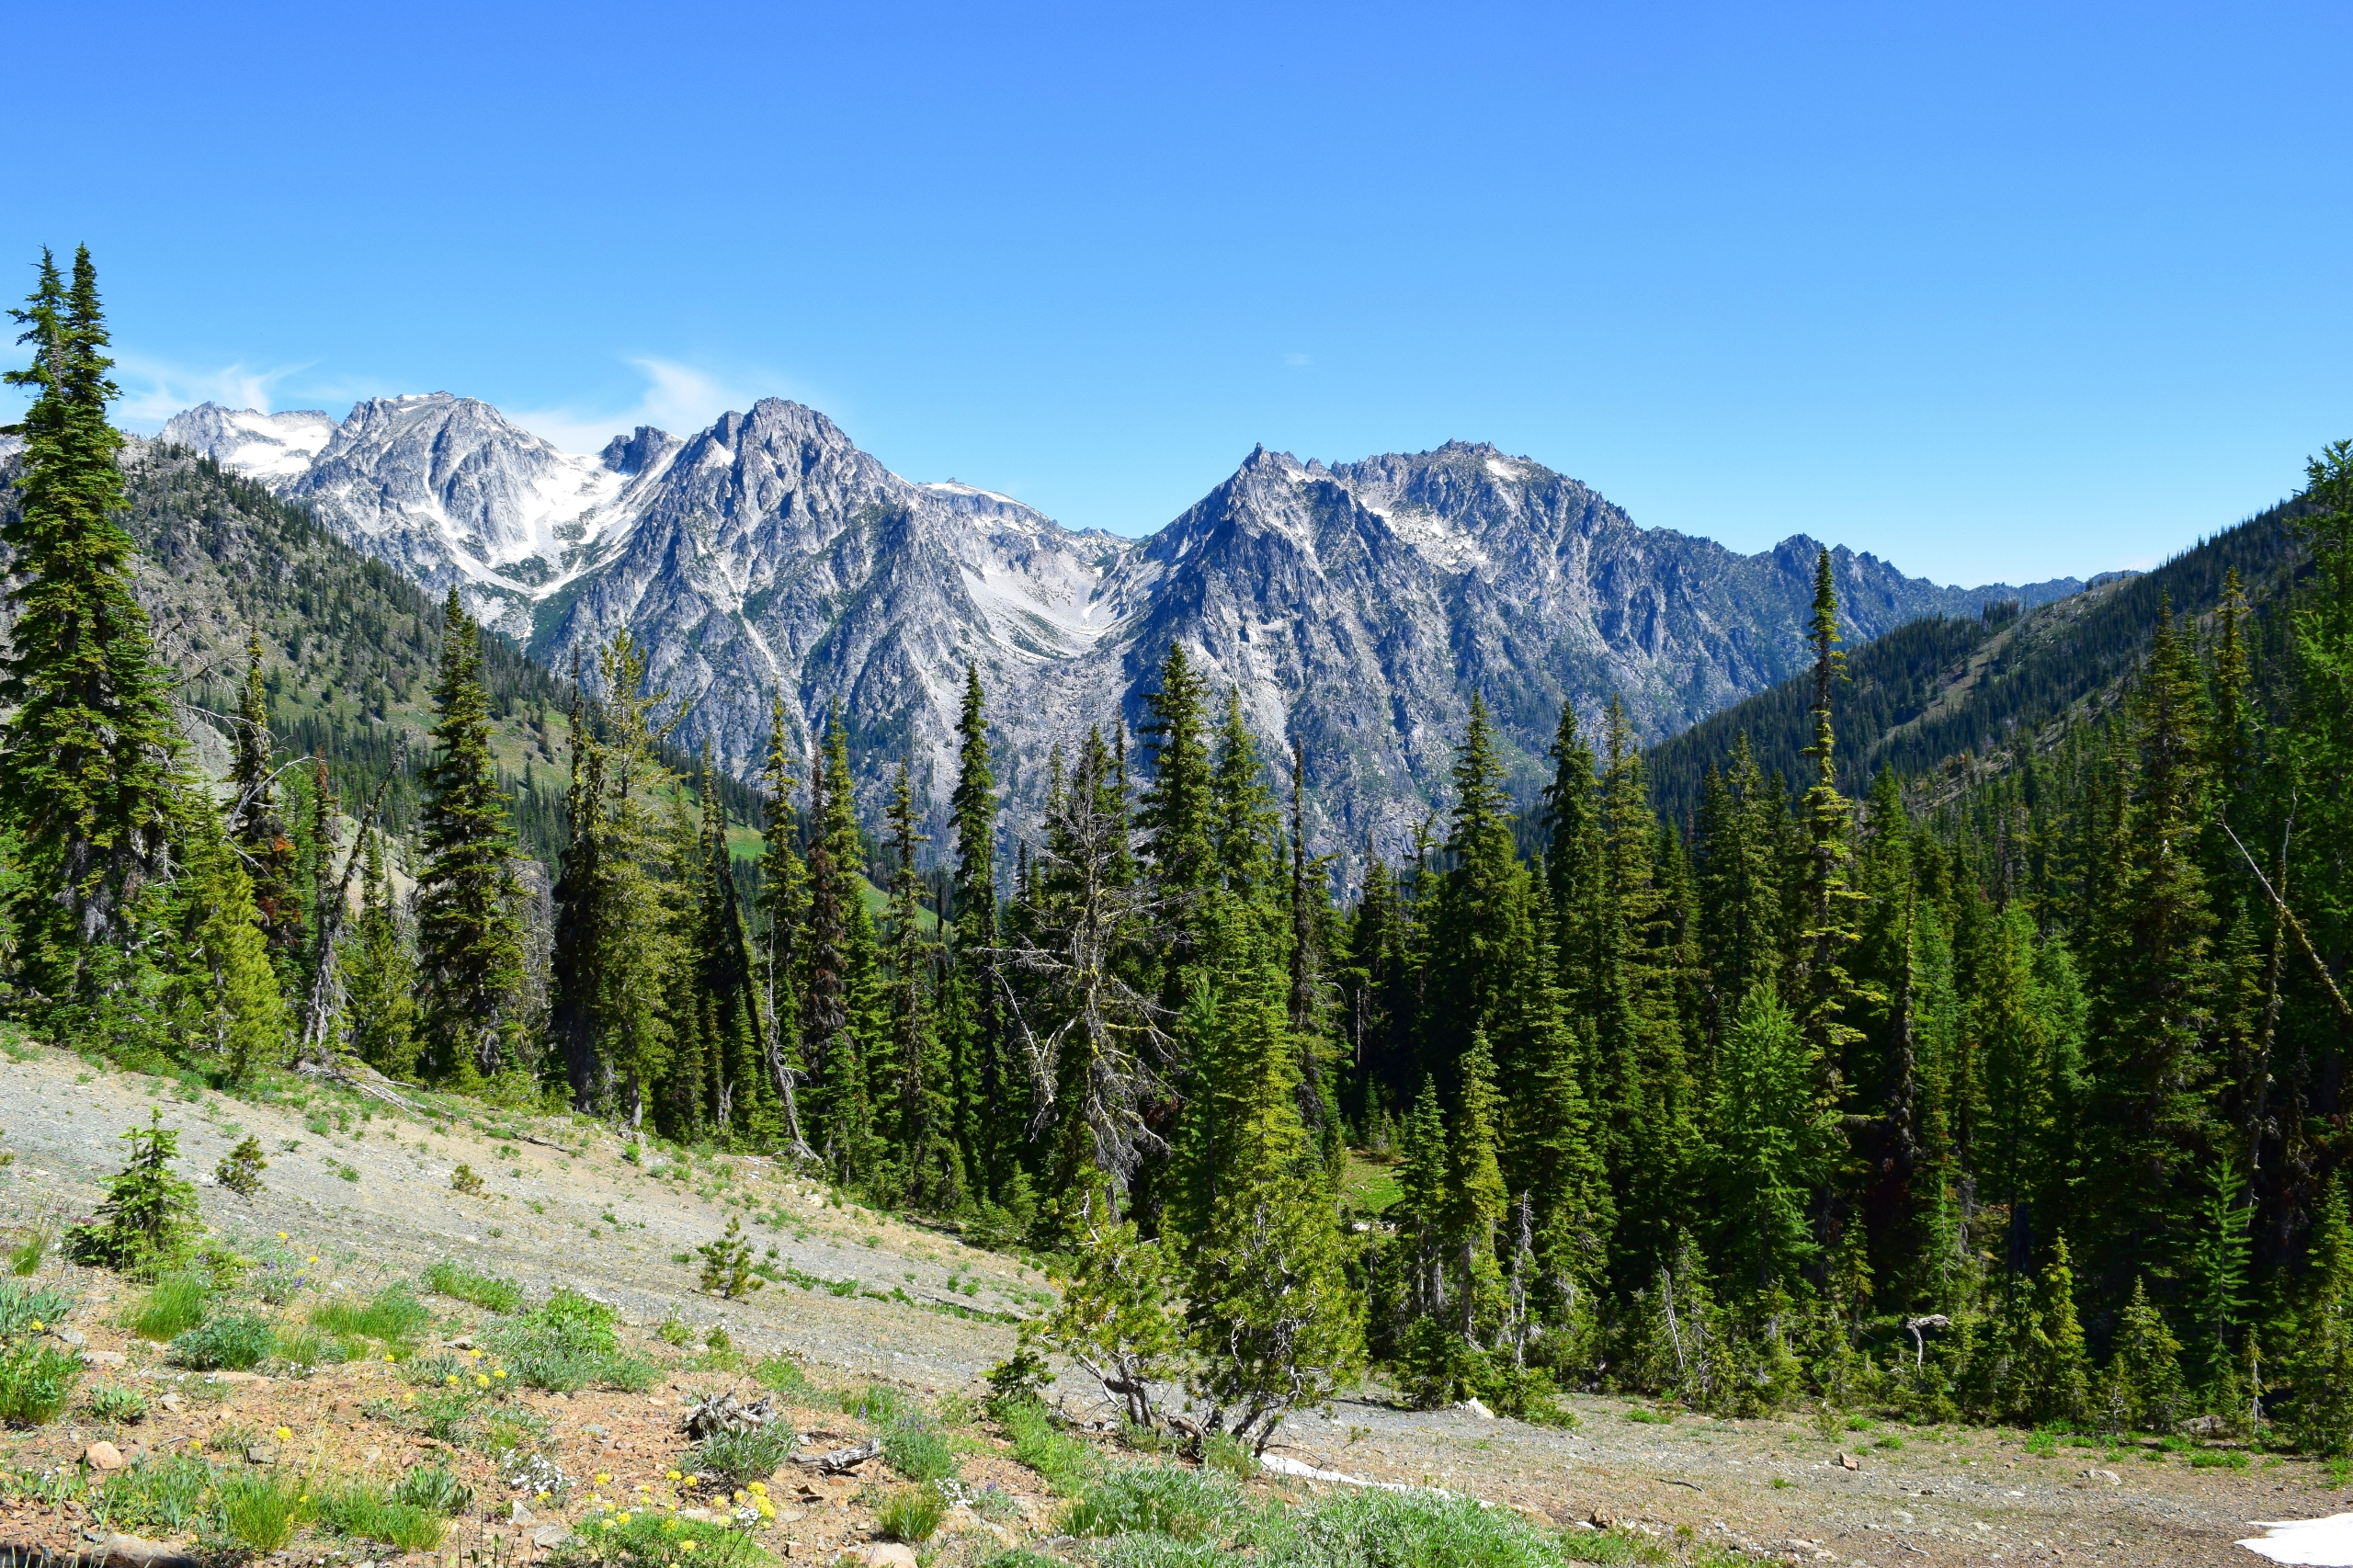 Mountains, Washington, Teanaway - cokes | ello